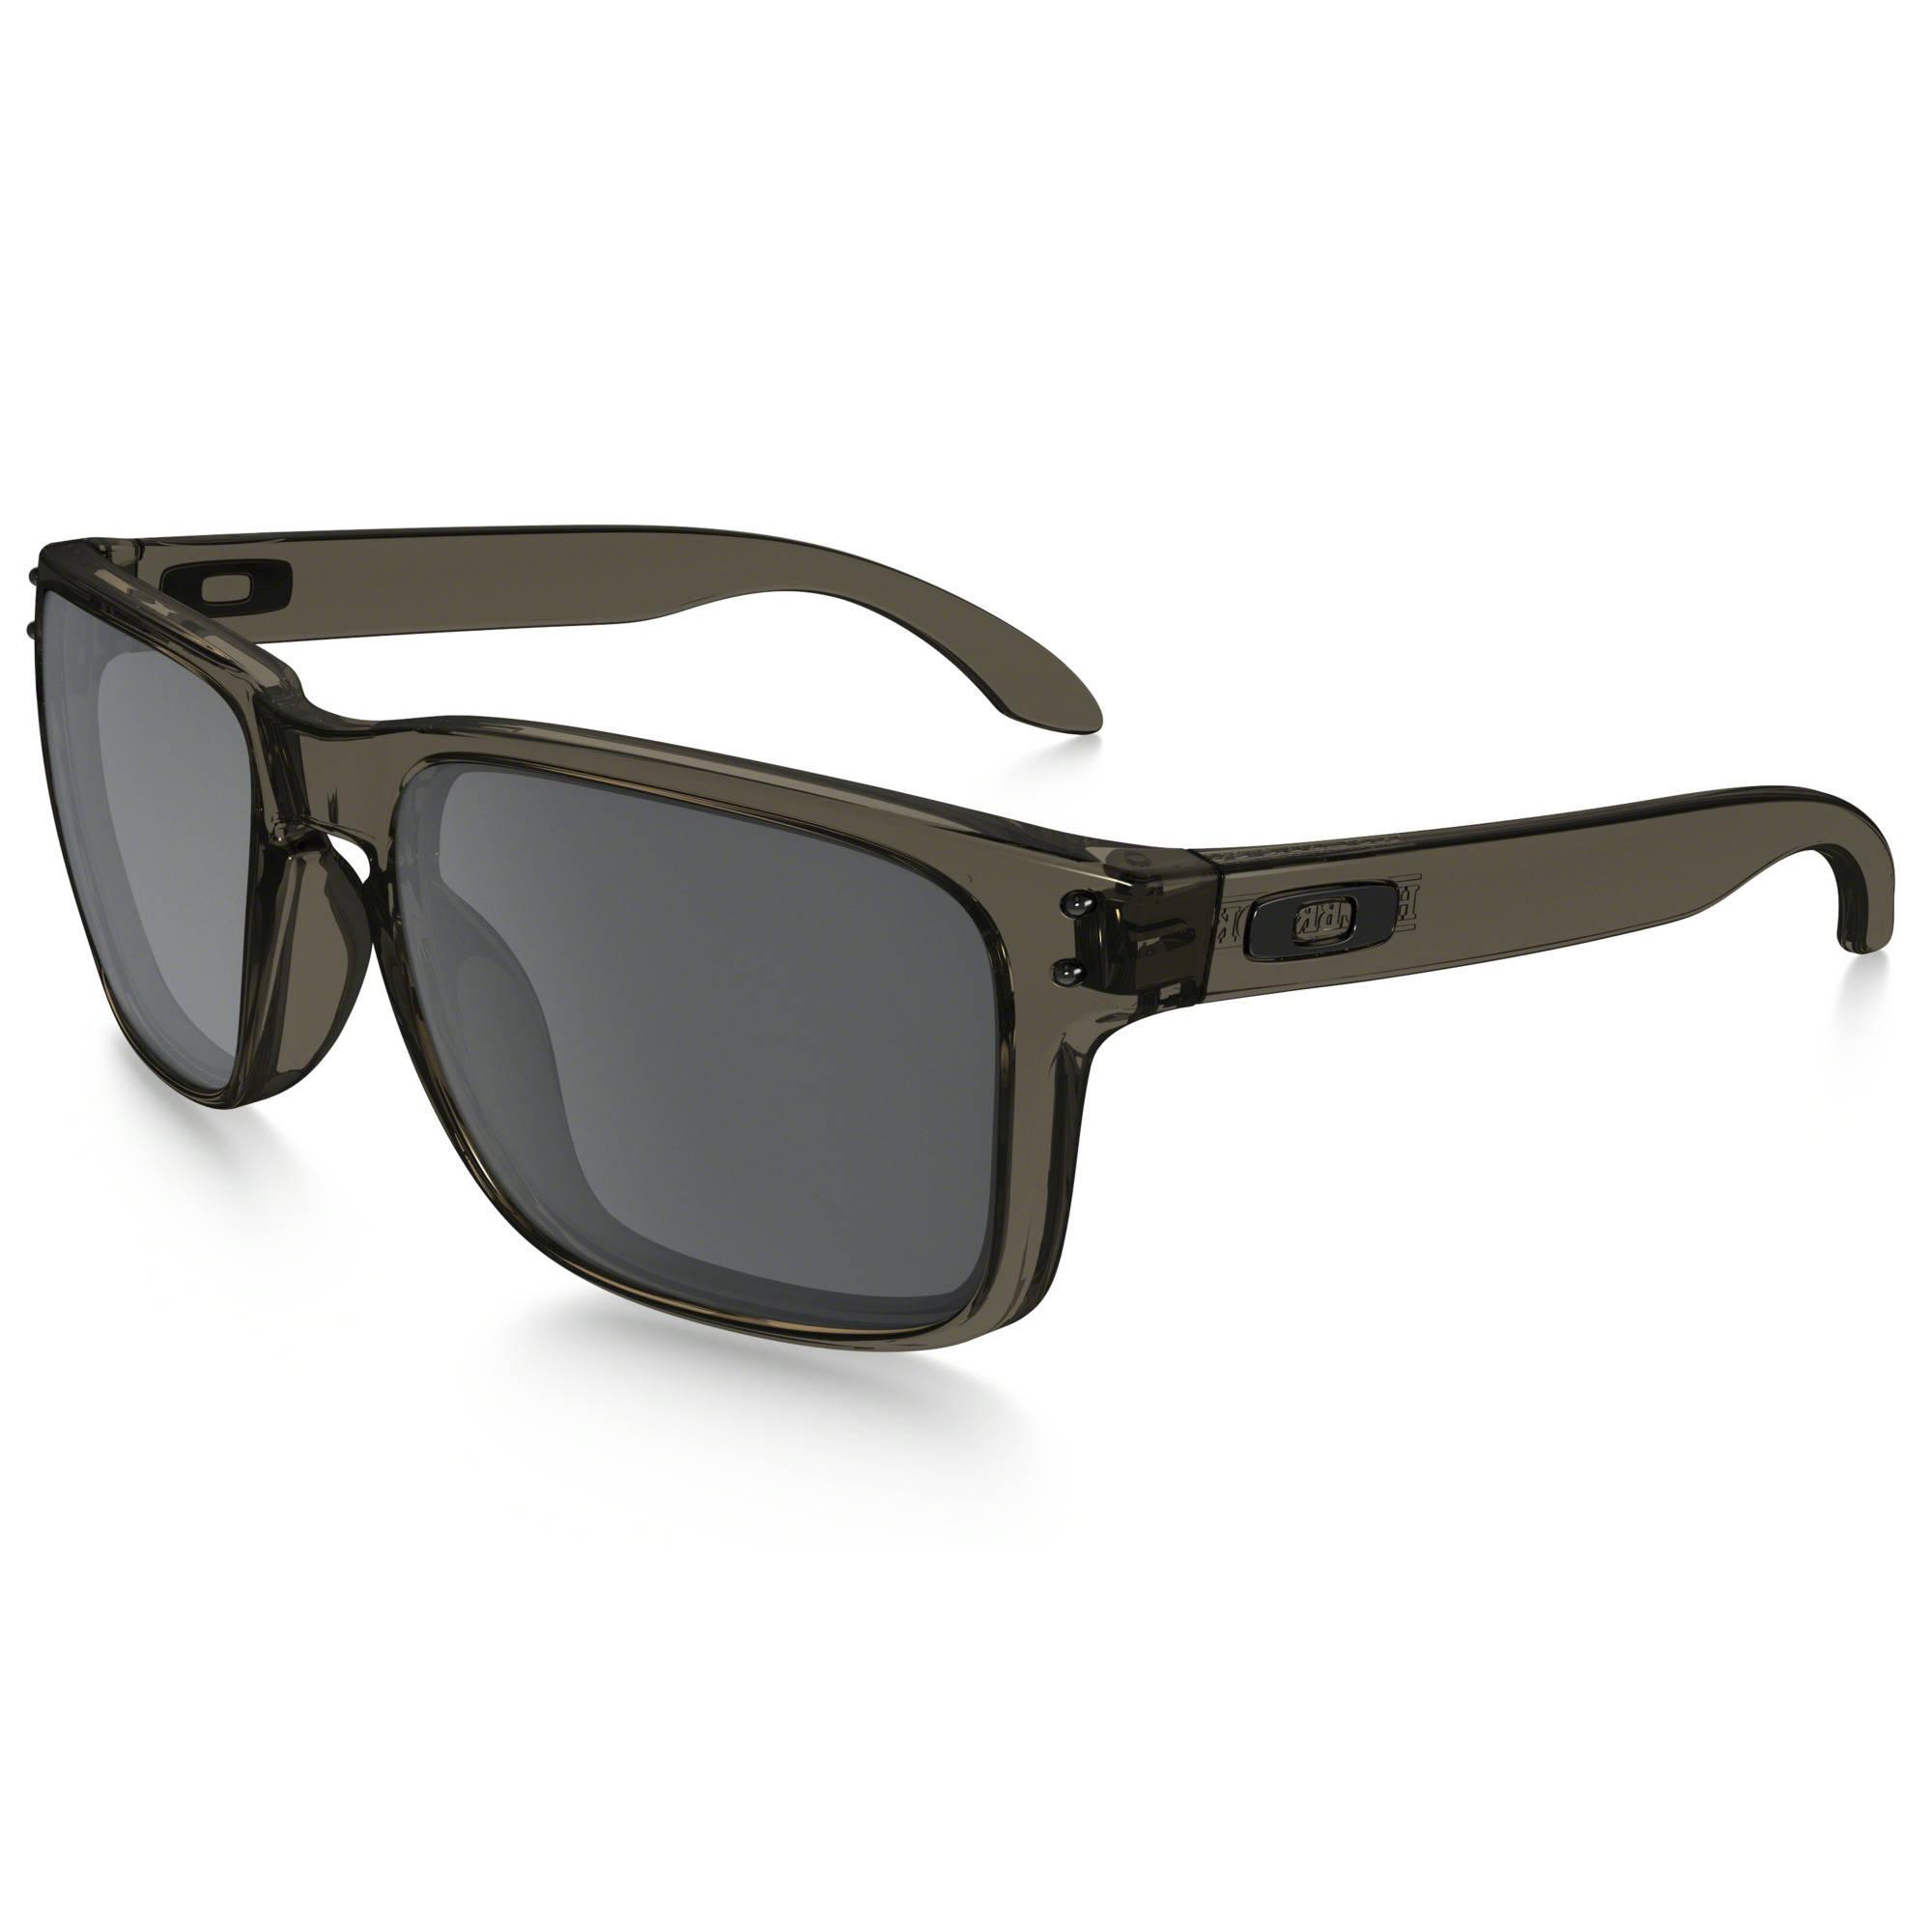 271e768e655 Oakley Holbrook Sunglasses 0OO9102-91022455 B H Photo Video